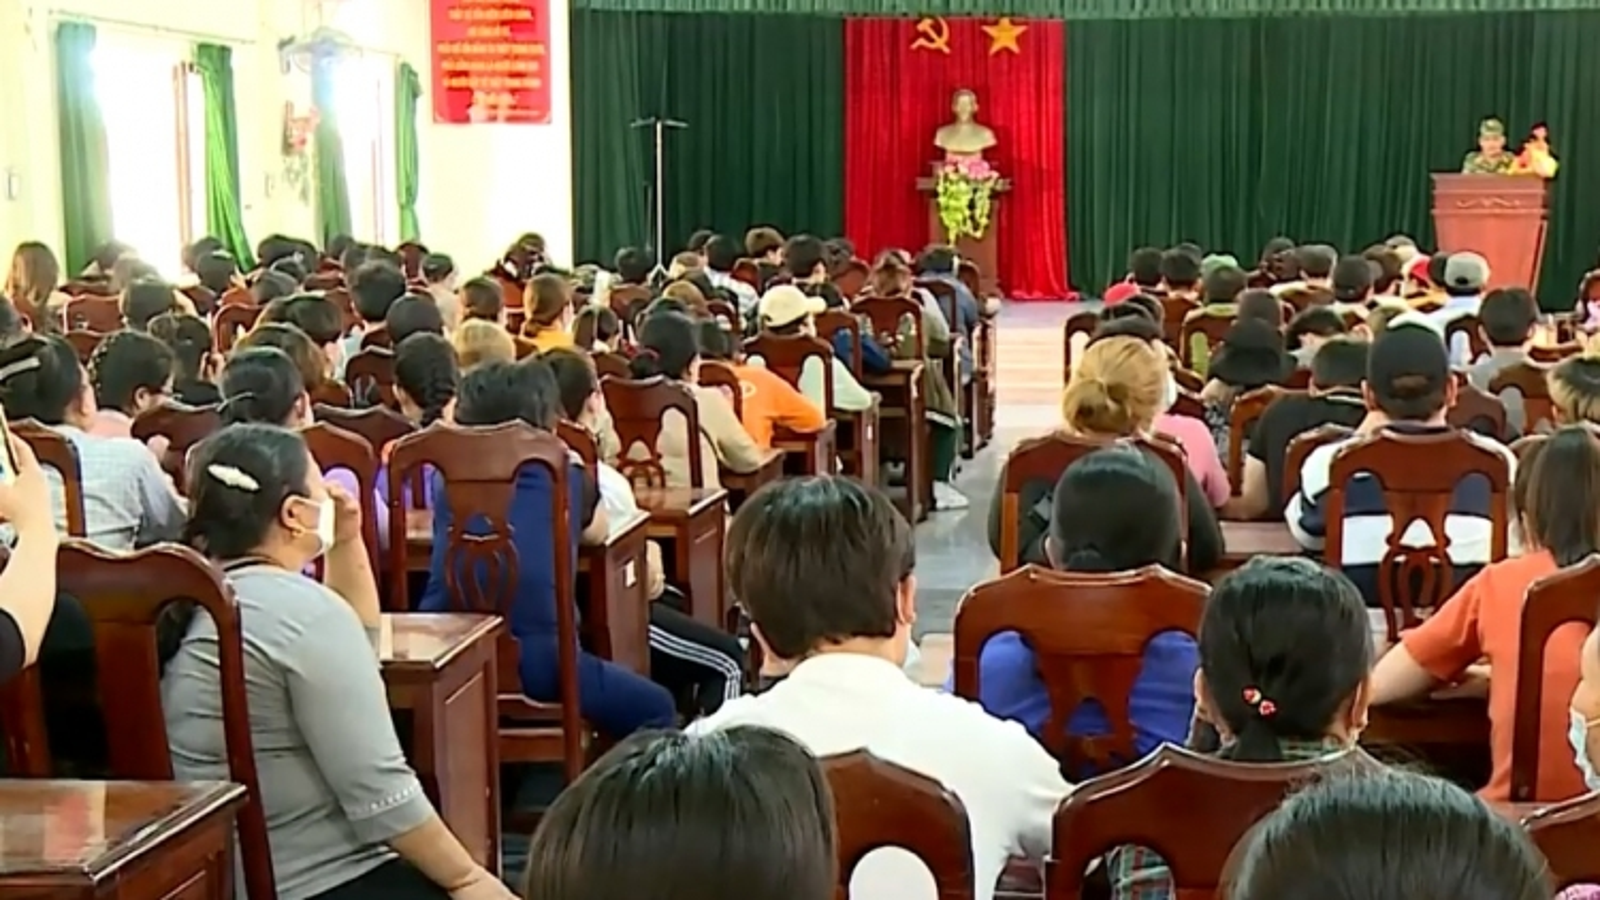 Bí thư Tỉnh ủy Vĩnh Long đề nghị cho ra khỏi ngành Thượng tá Nguyễn Hoàng Minh